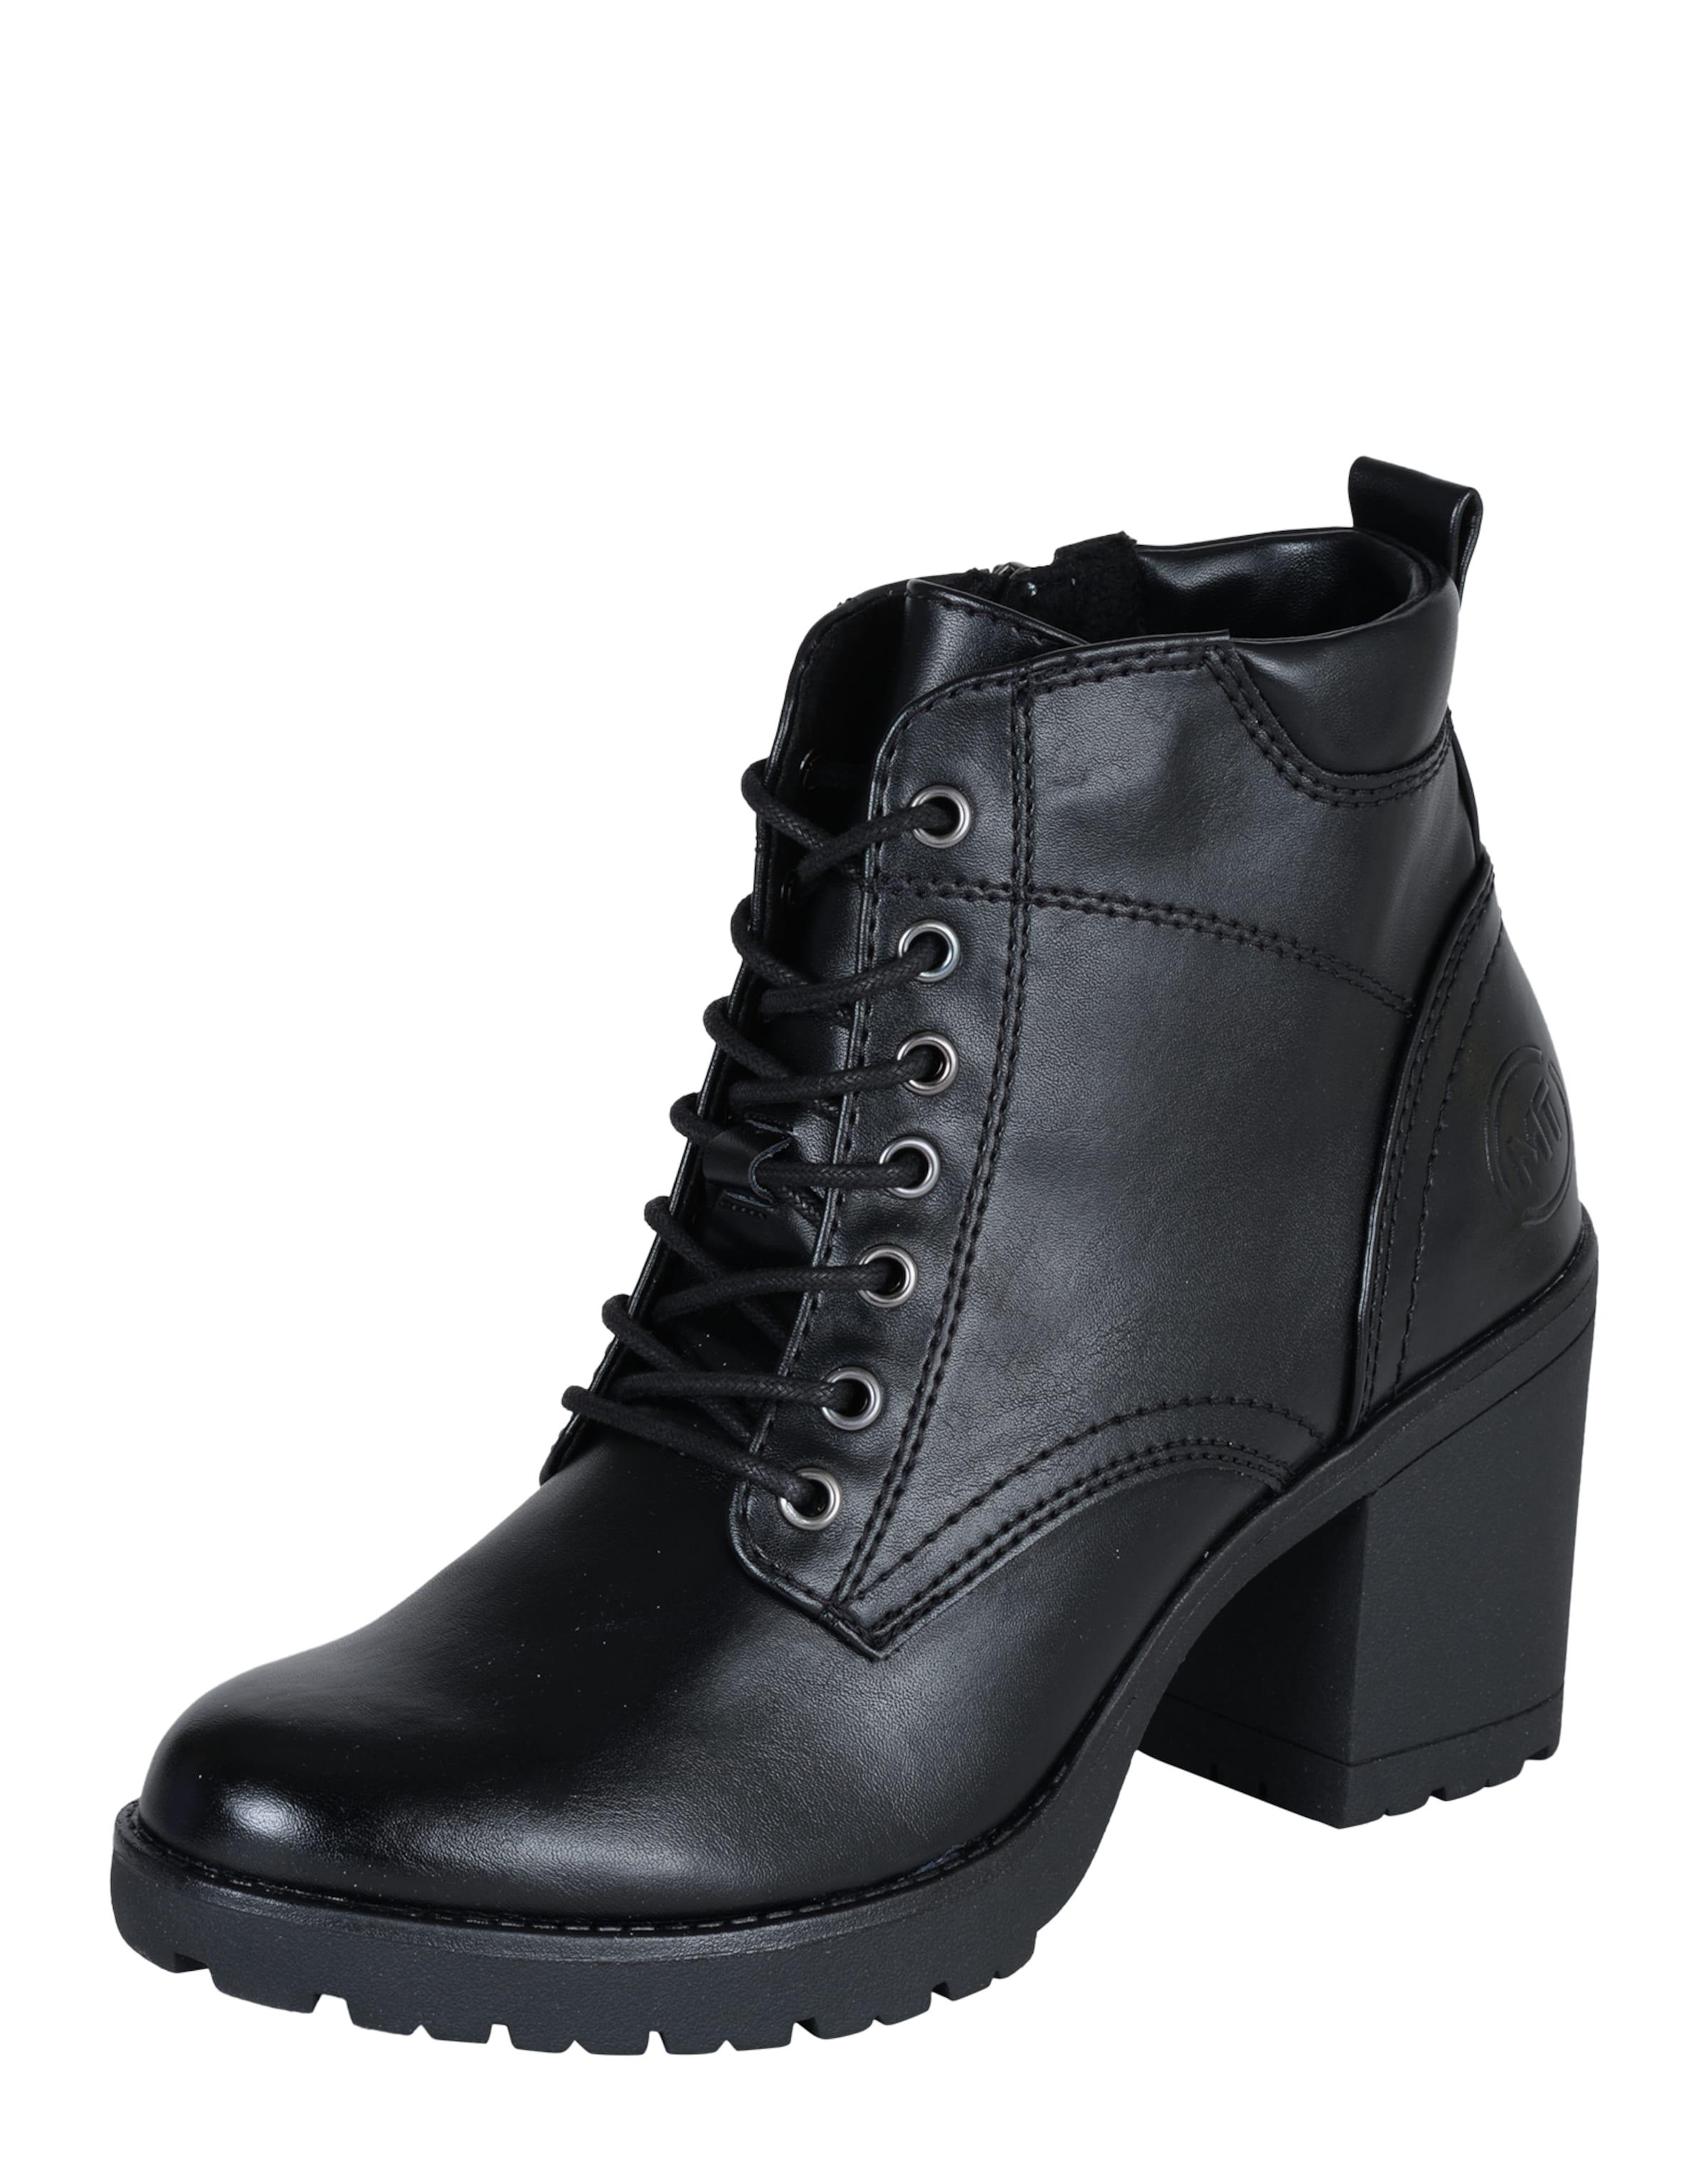 MARCO TOZZI Schnürstiefelette Verschleißfeste billige Schuhe